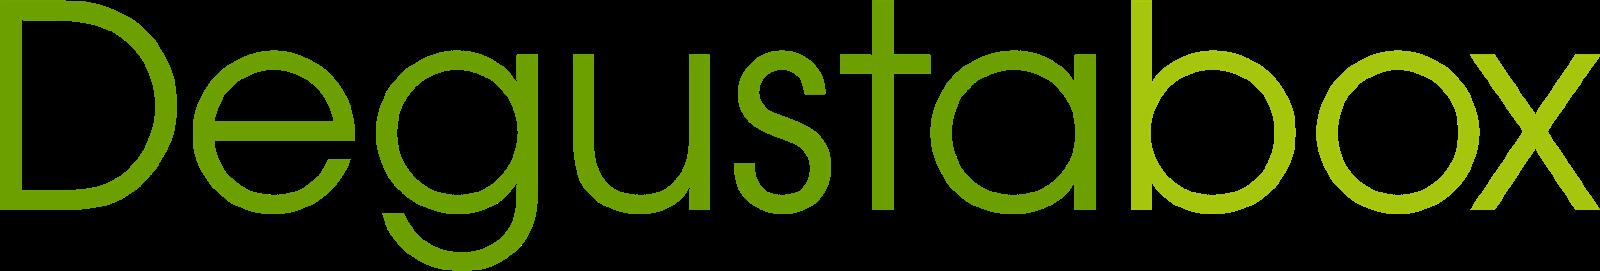 Degustabox logo